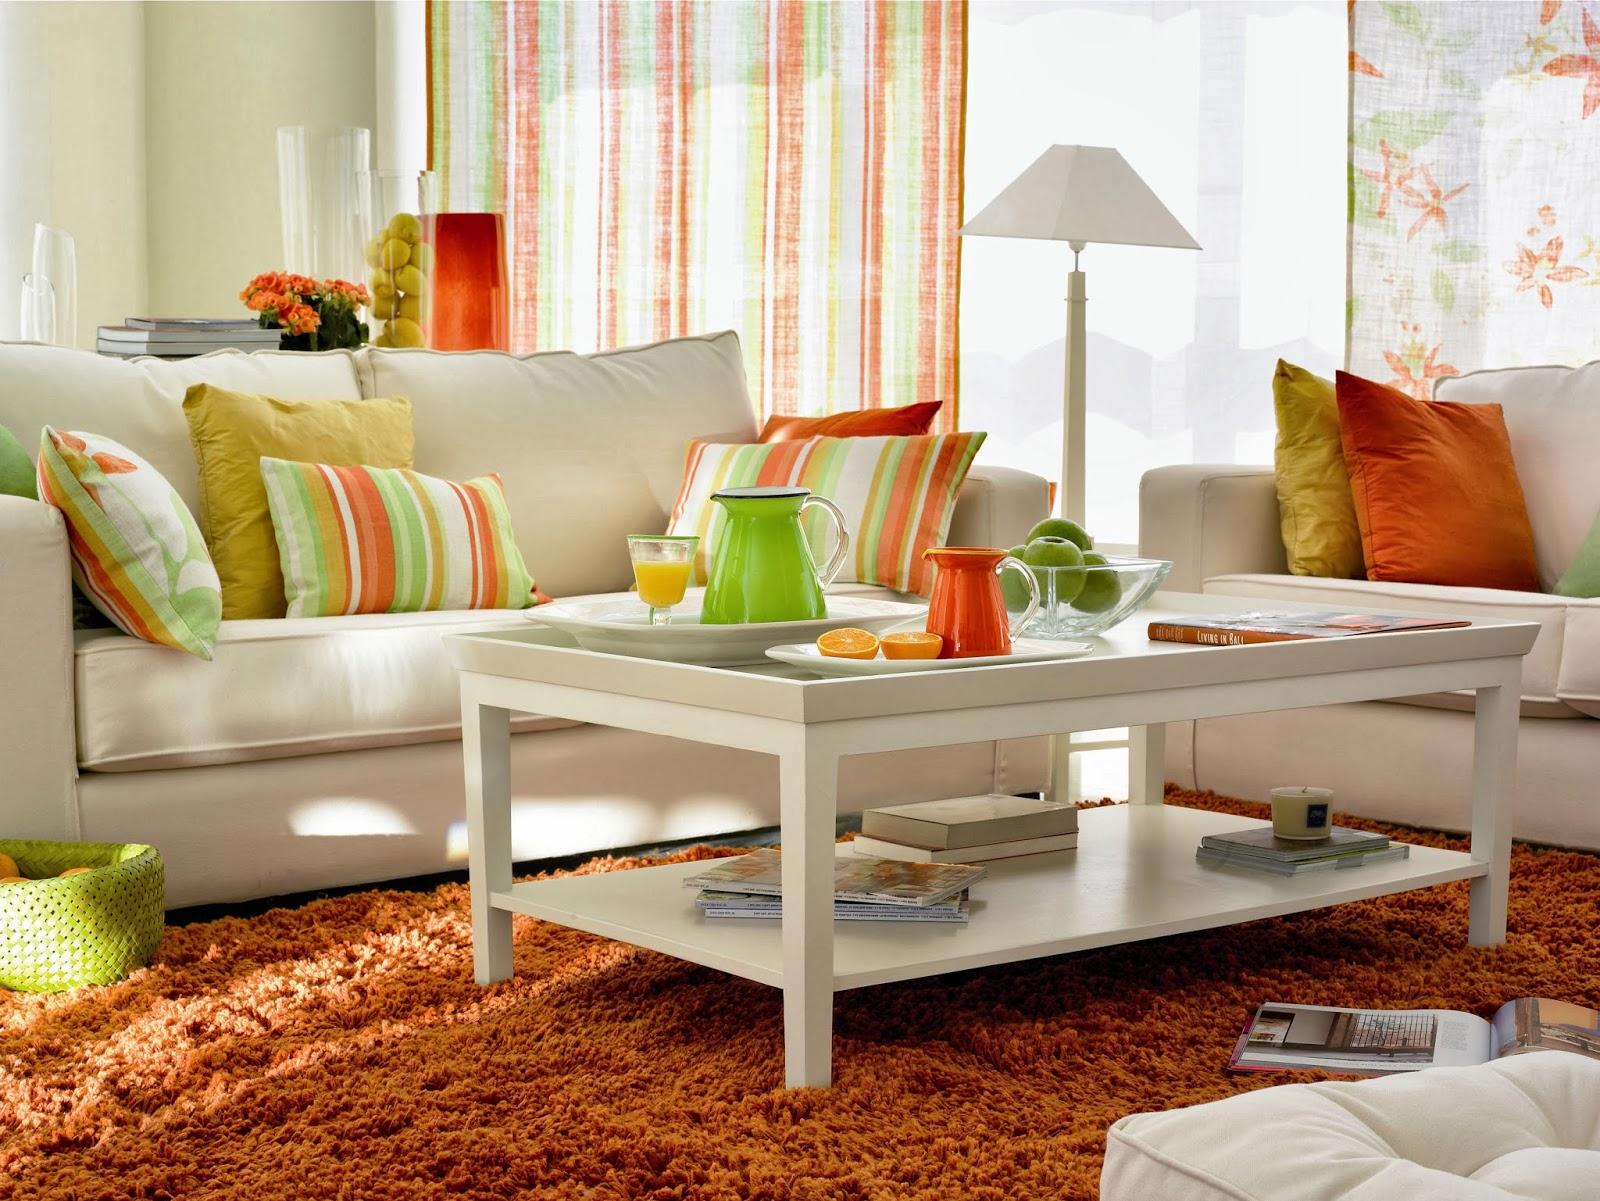 Septiembre 2013 for Adornos de decoracion para el hogar